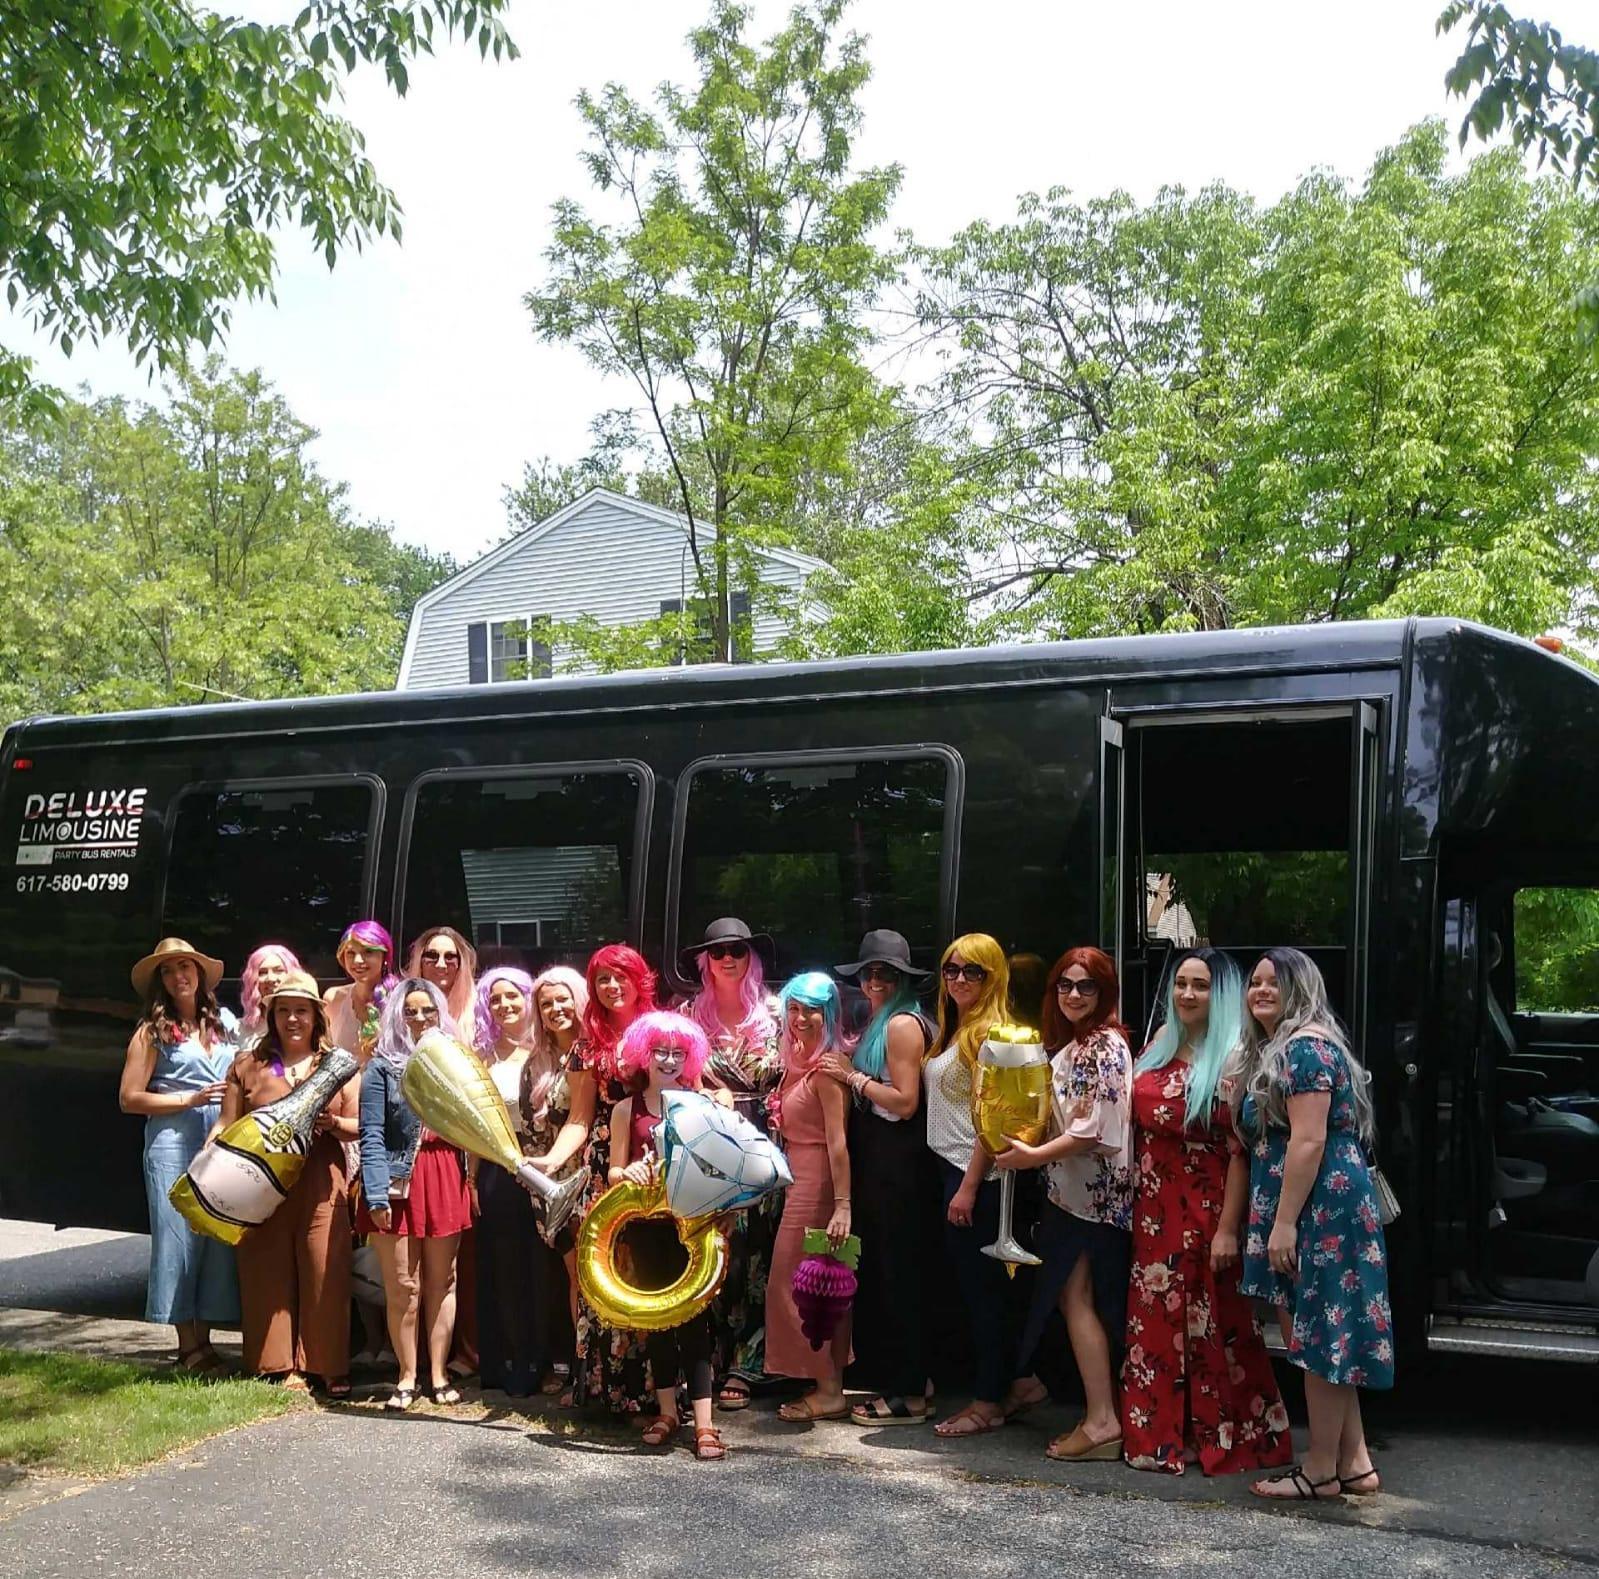 18-20 Passenger-Party-Bus-Bachelorette-party